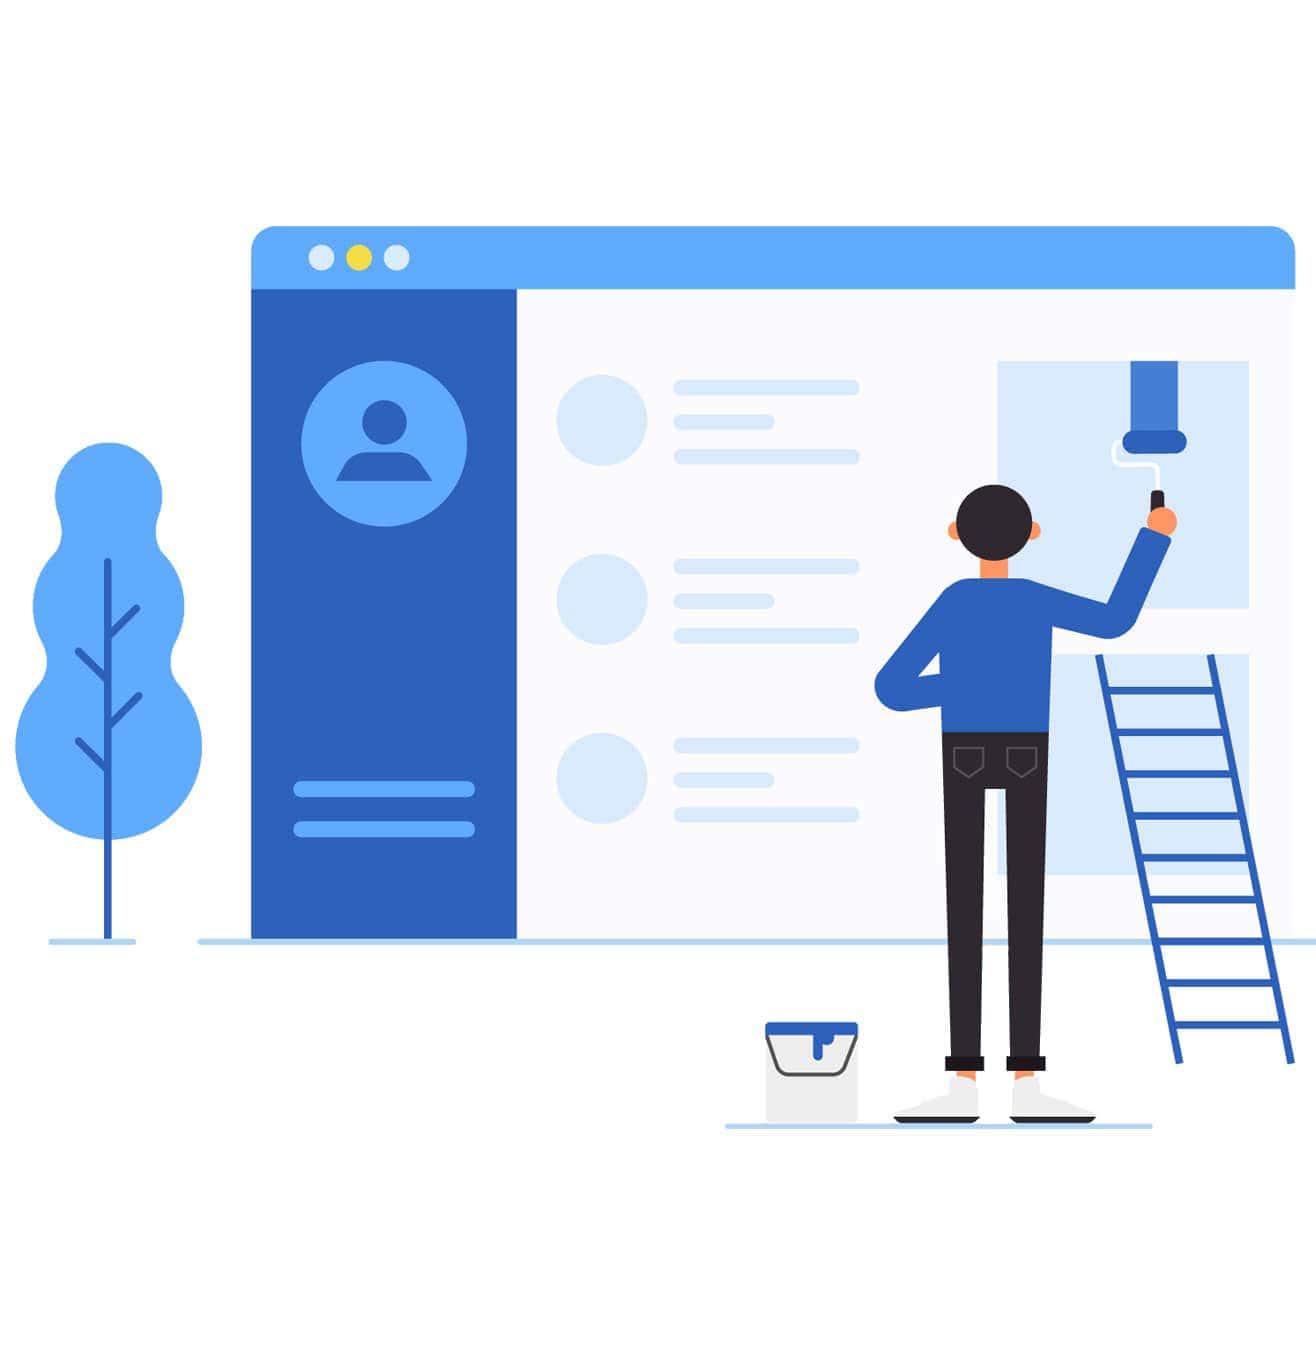 سفارش طراحی وب سایت در کتابخانه فناوری اطلاعات itlibrary